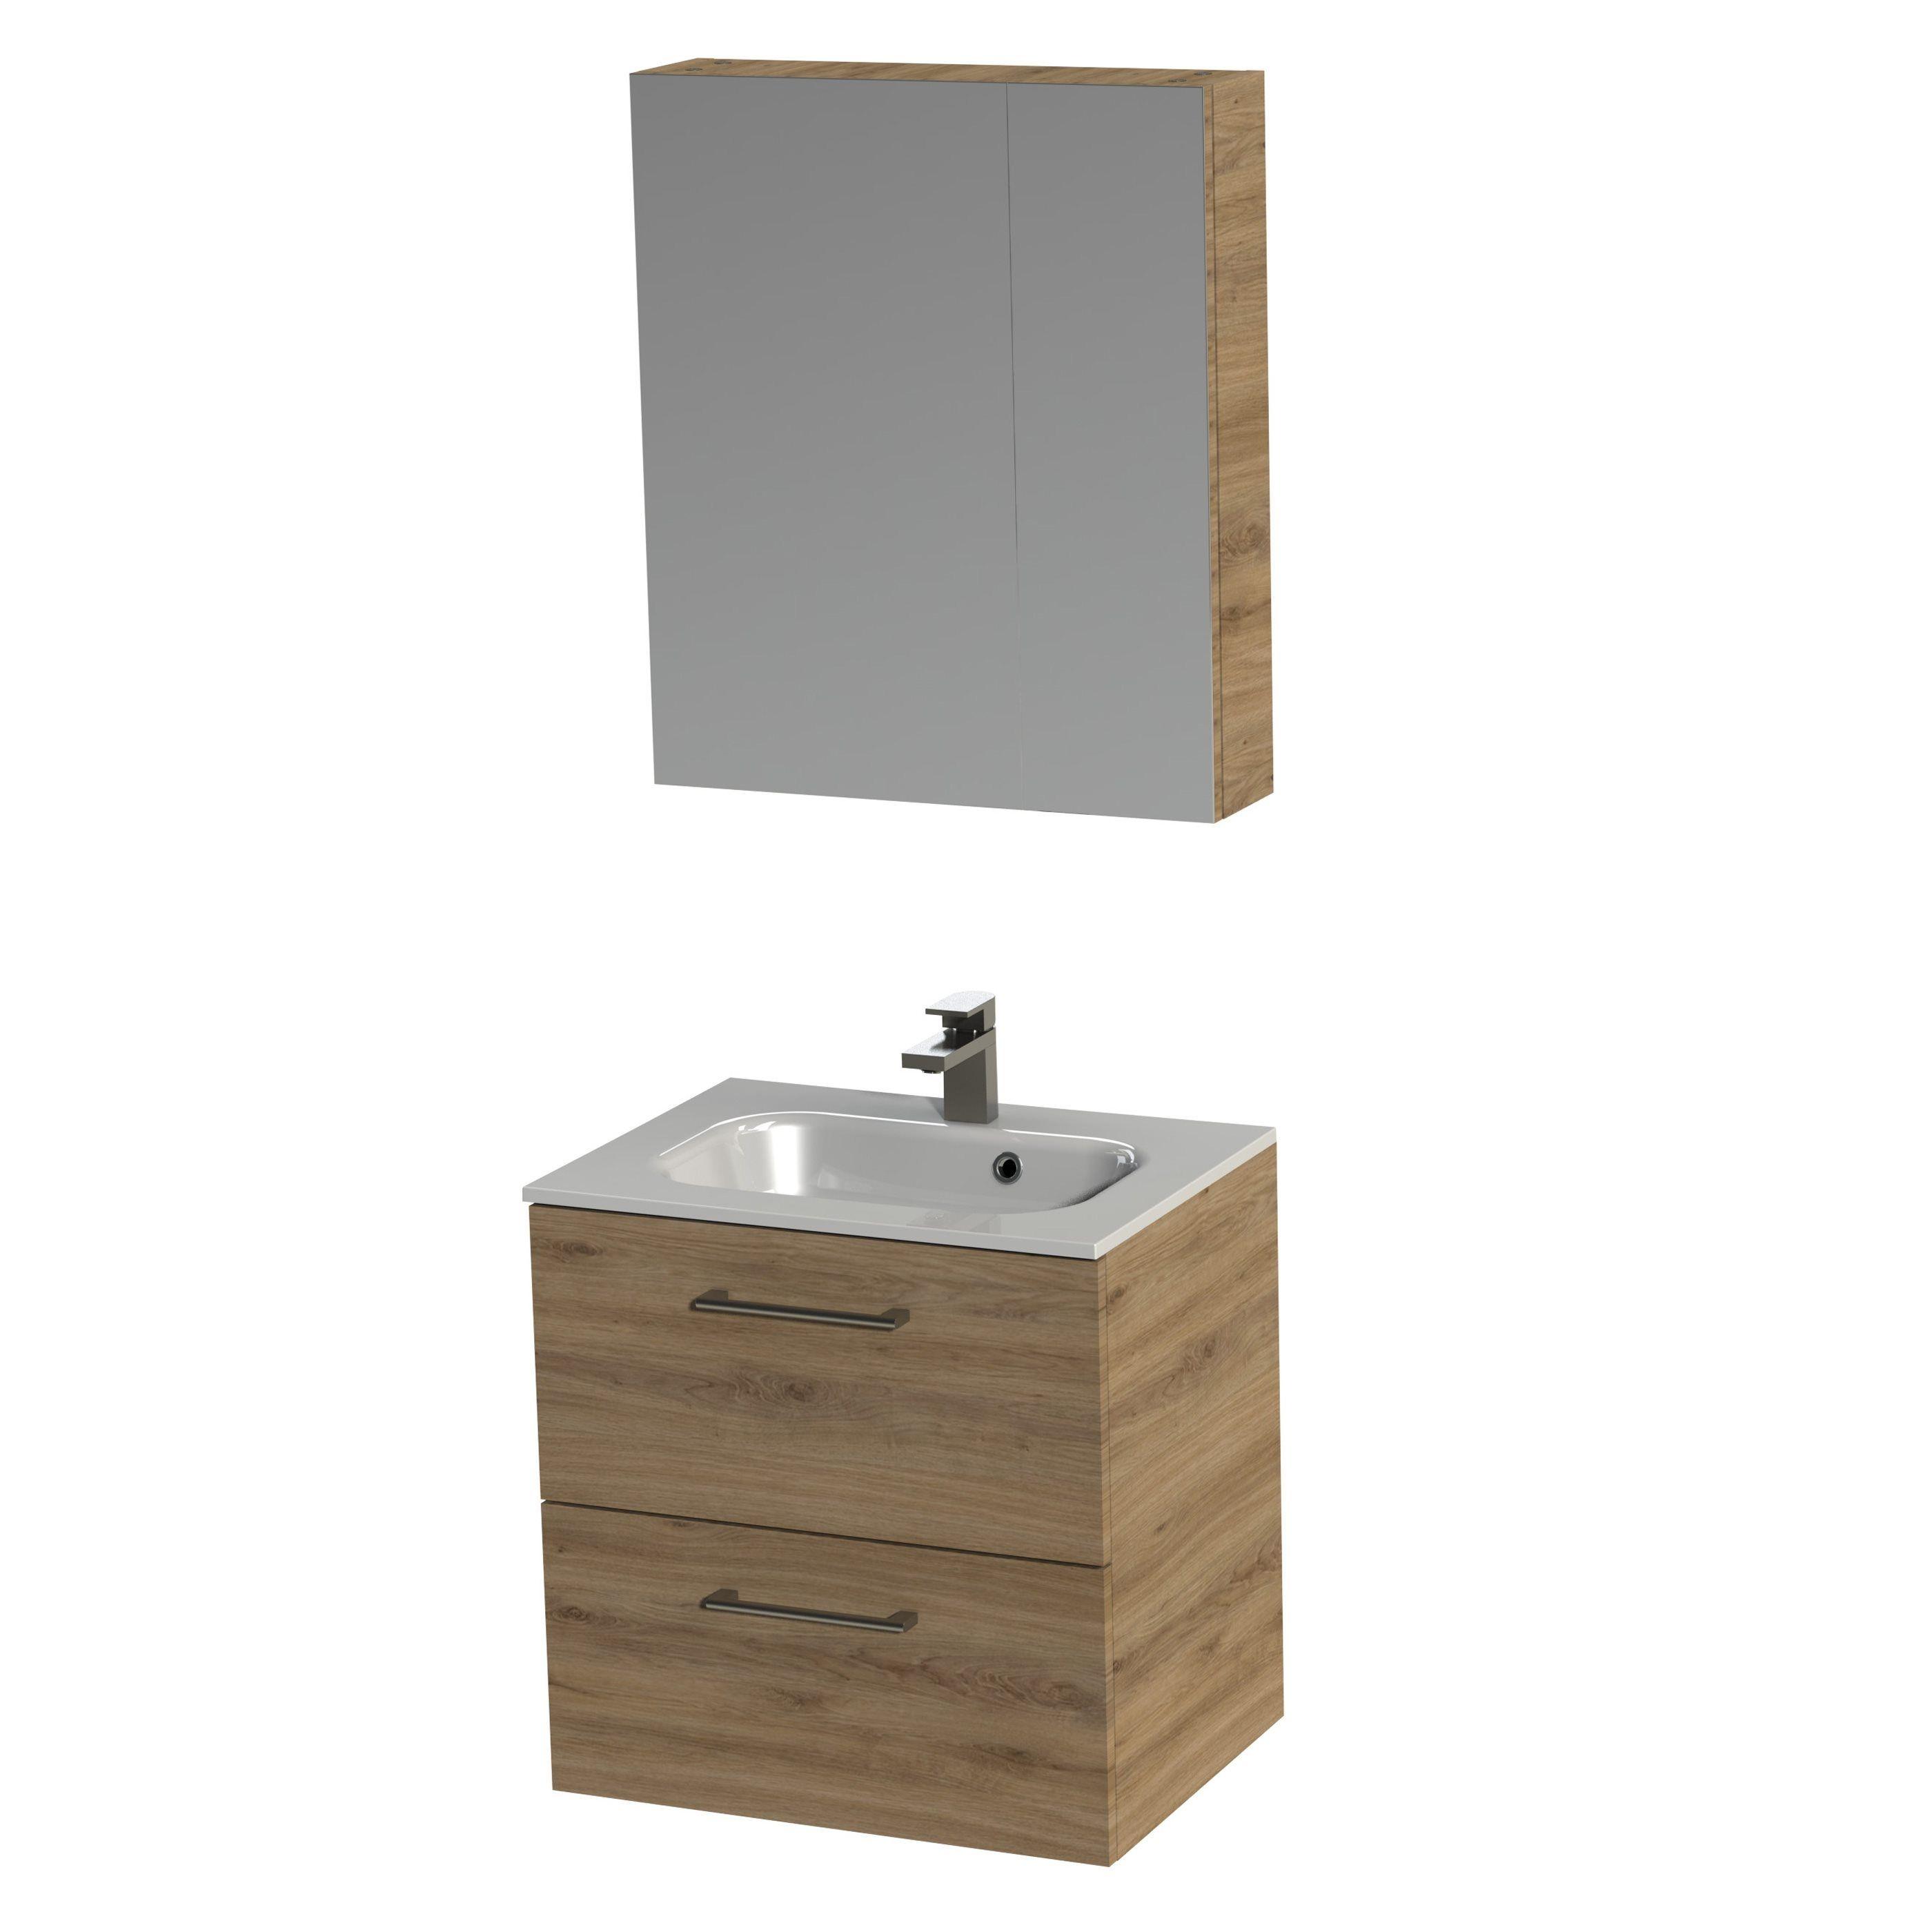 Tiger Studio badkamermeubel met spiegelkast en witte wastafel 60cm chalet eiken